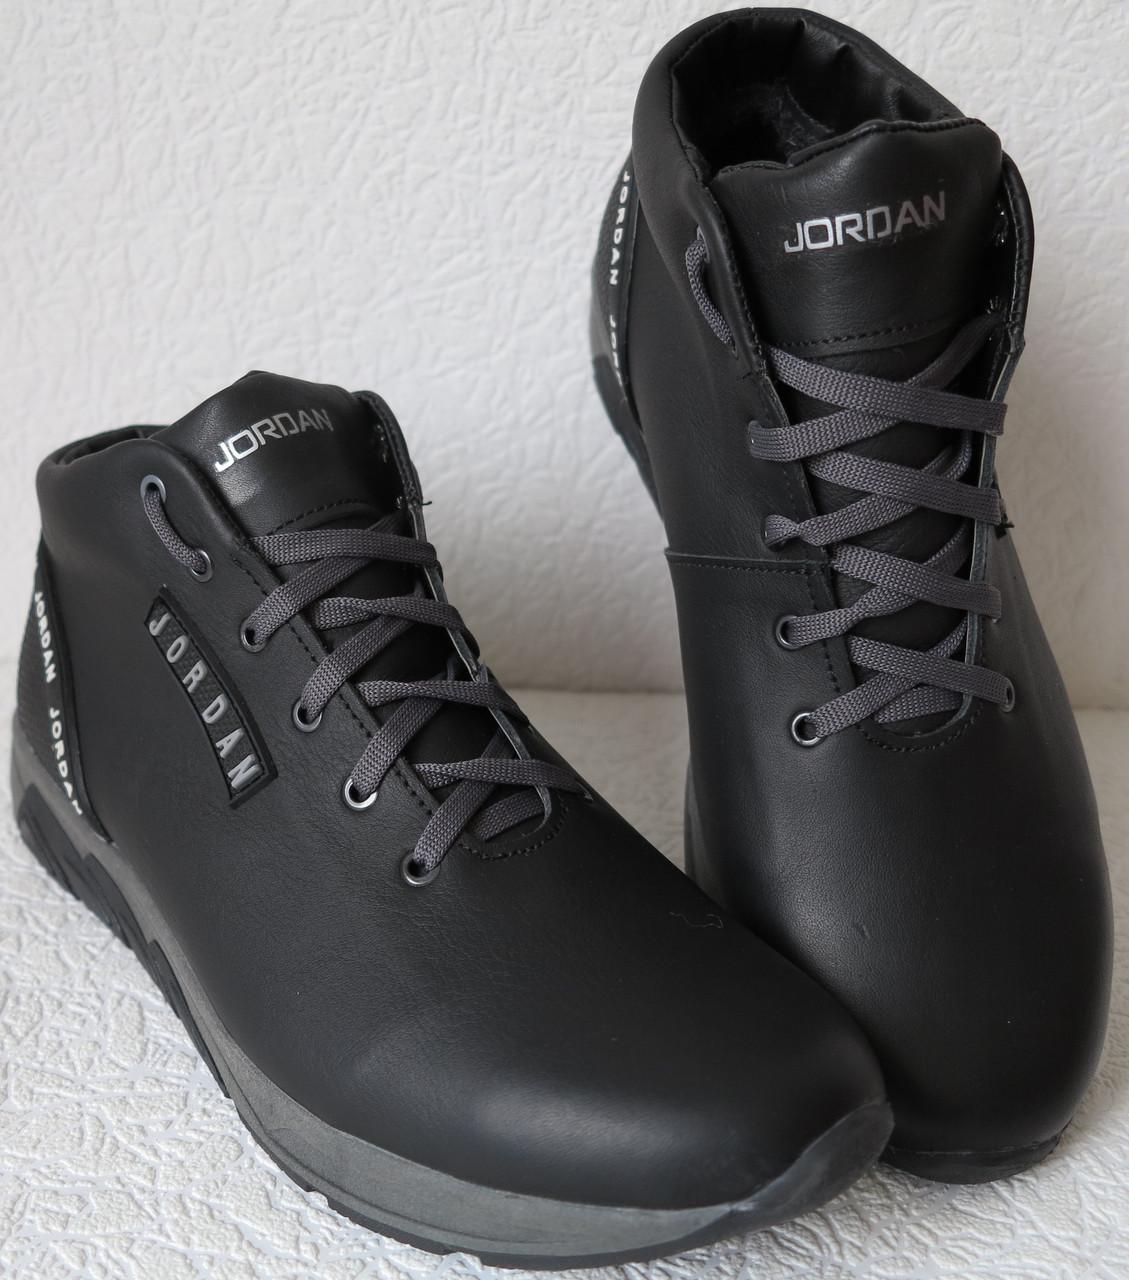 9742dc3c Jordan RP зимние мужские кроссовки кожа черные с белым натуральный мех  шерсть зима комфорт - MANTE